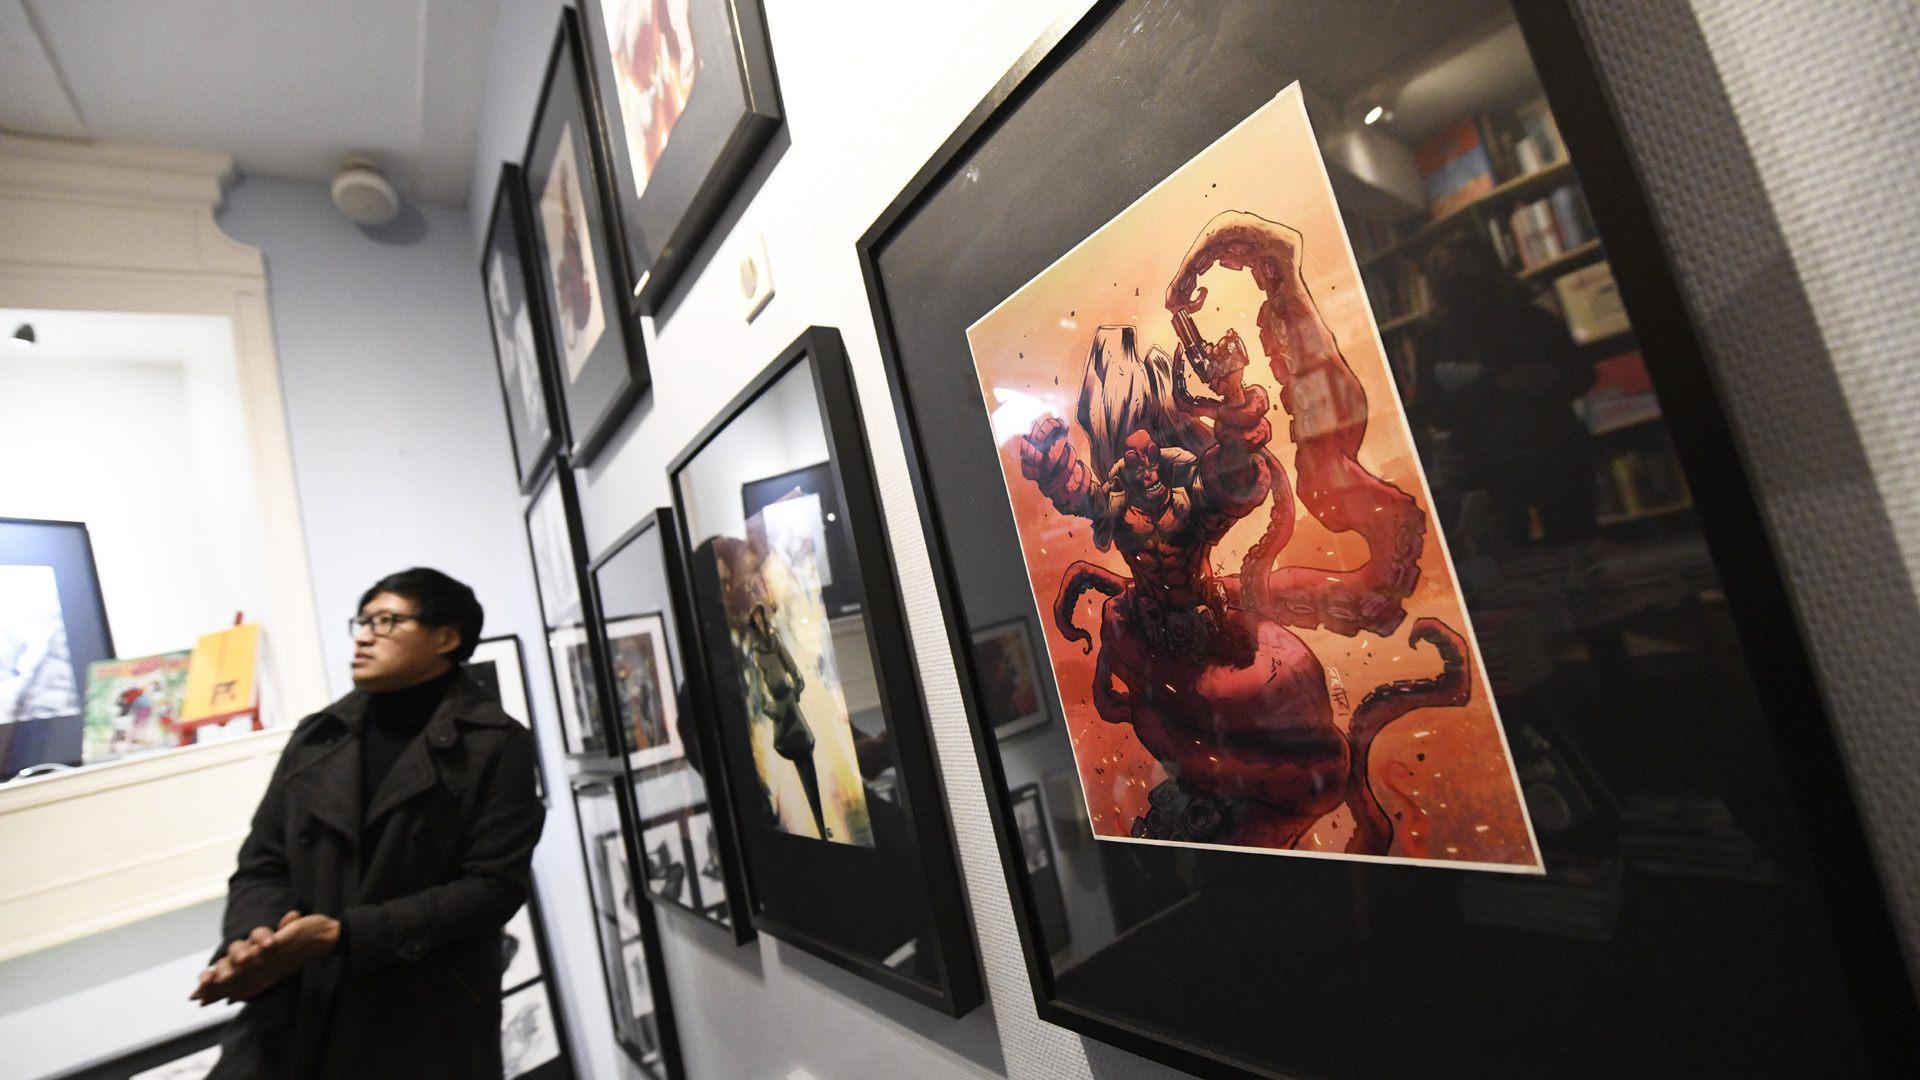 Mulhouse : l'illustrateur Frédéric Pham Chuong expose ses oeuvres : héros et monstres au coeur de son exposition